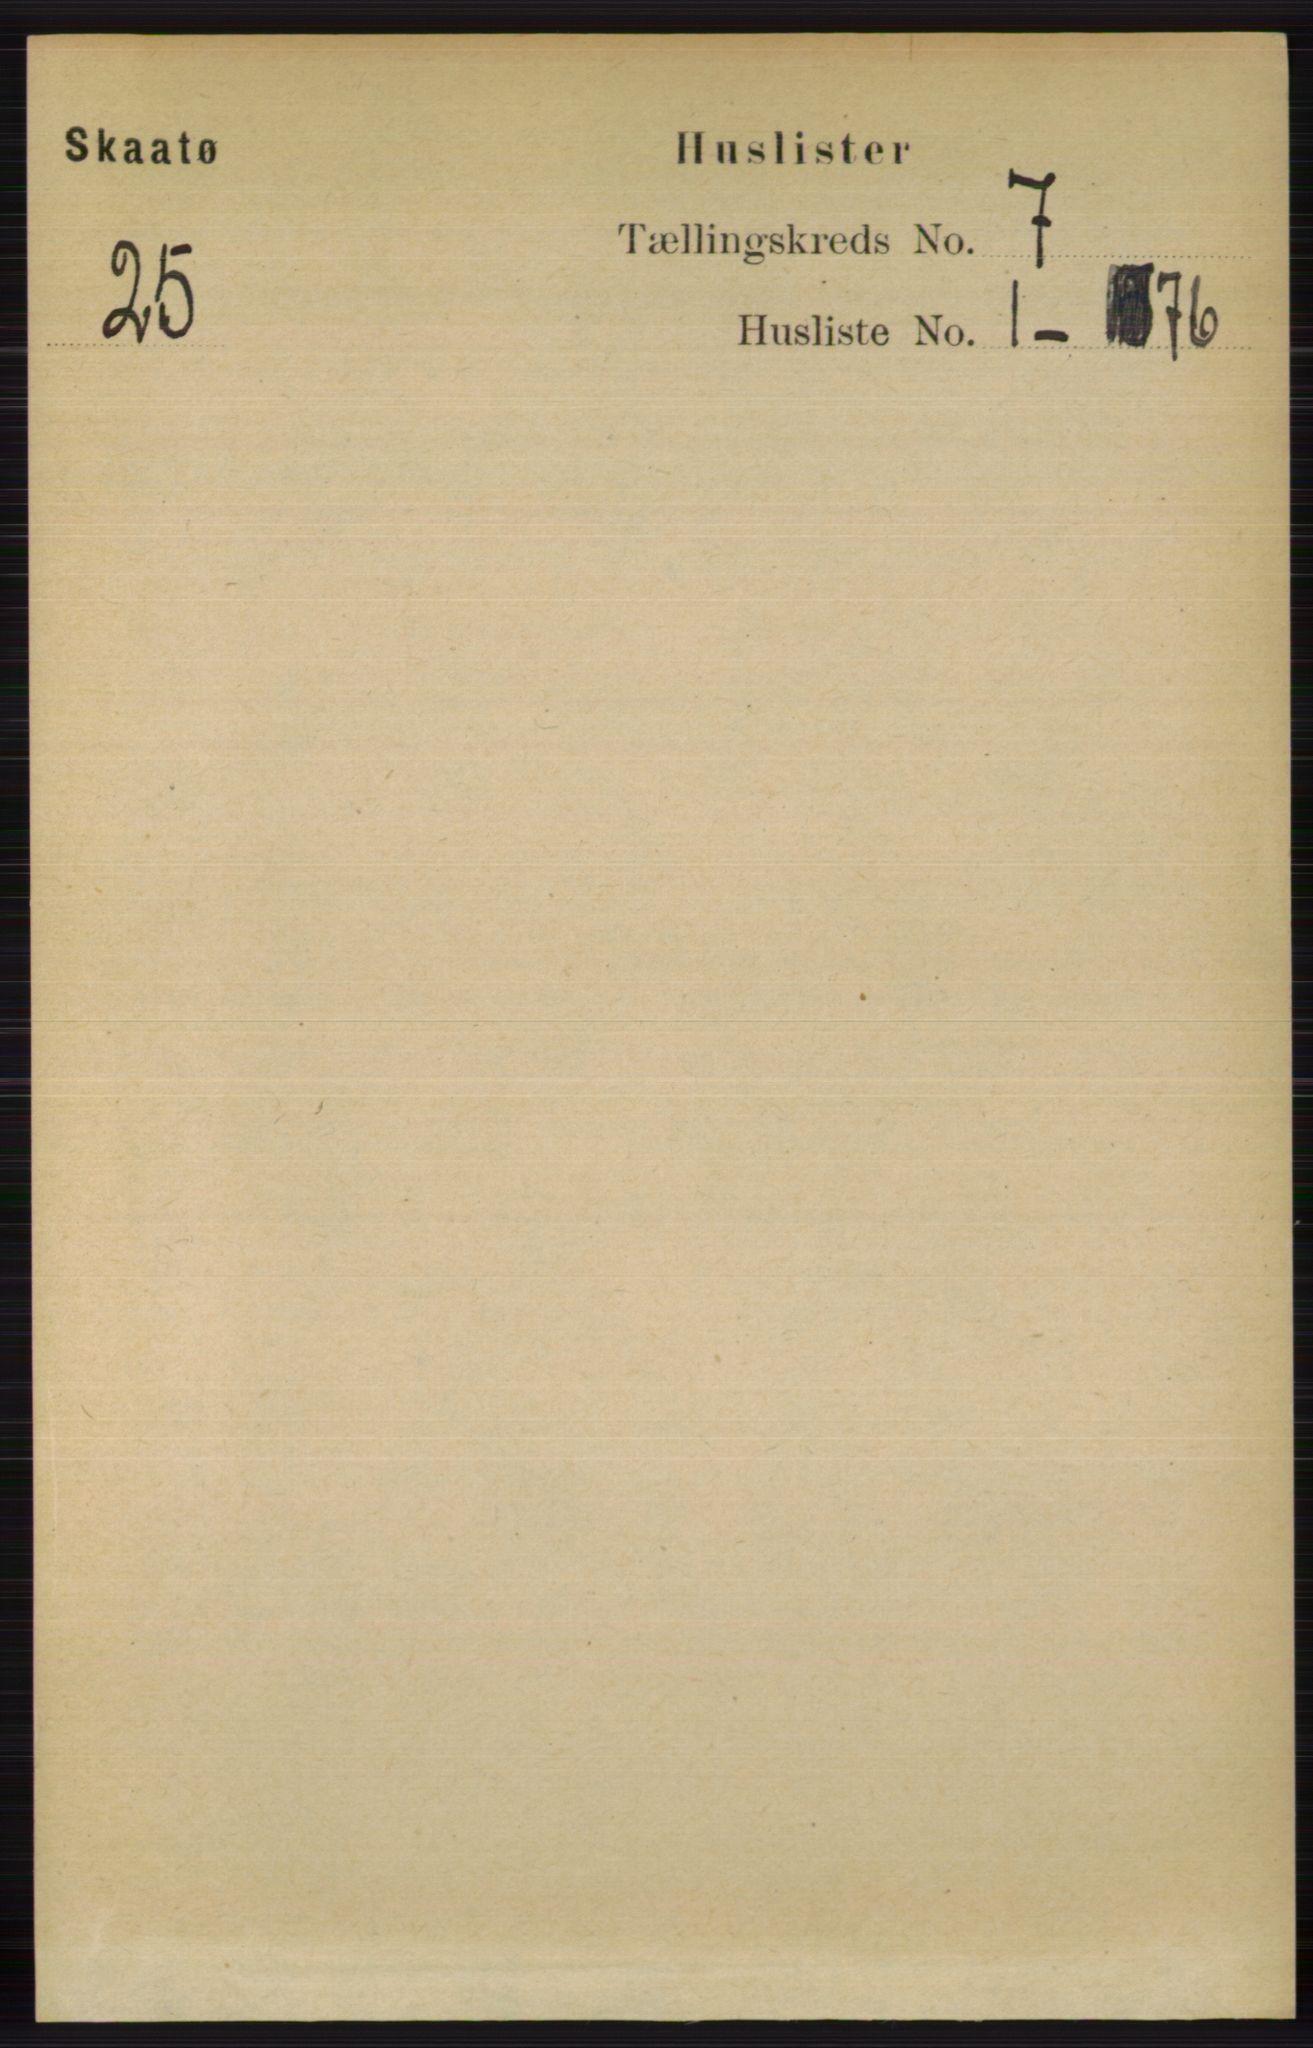 RA, Folketelling 1891 for 0815 Skåtøy herred, 1891, s. 2997